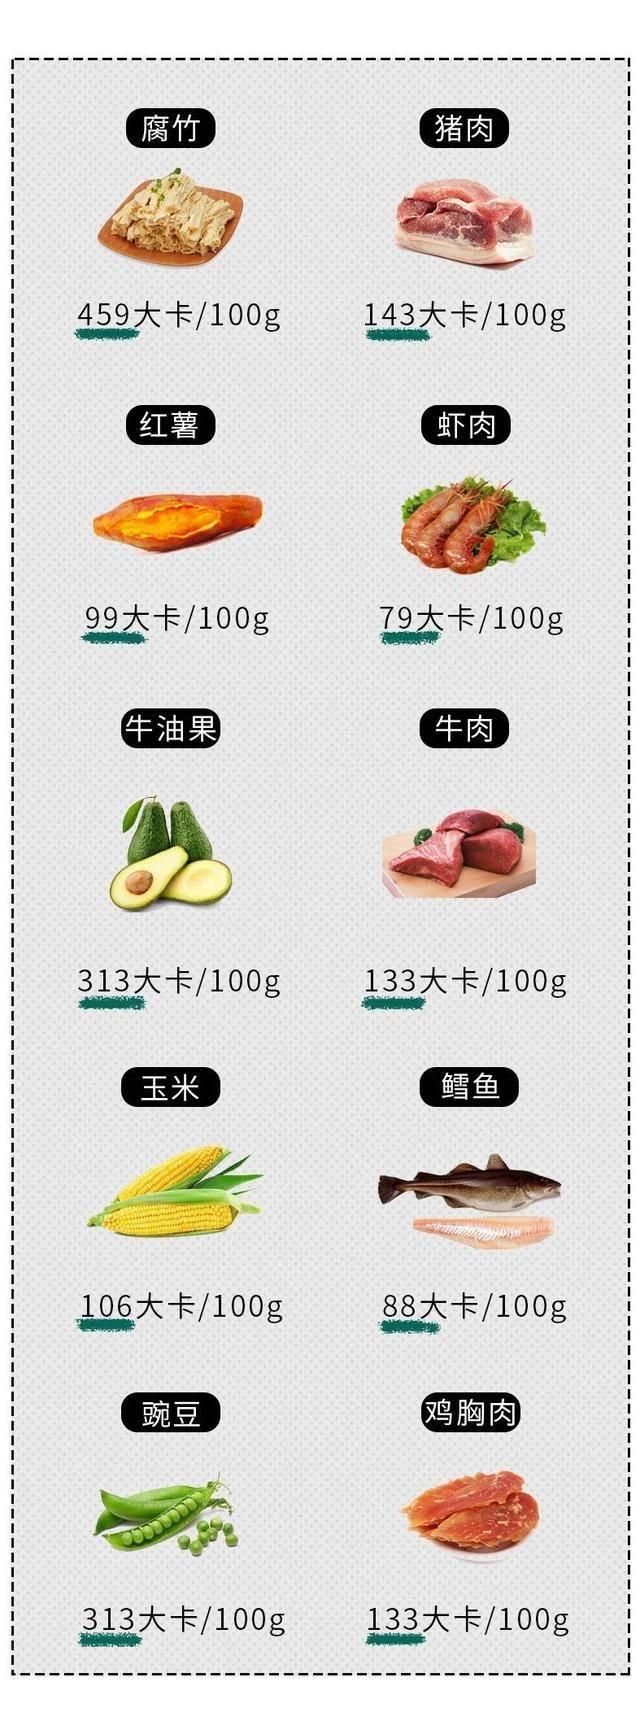 多吃素菜、少吃肉能减肥?看看这个食物热量对照表,你就知道了